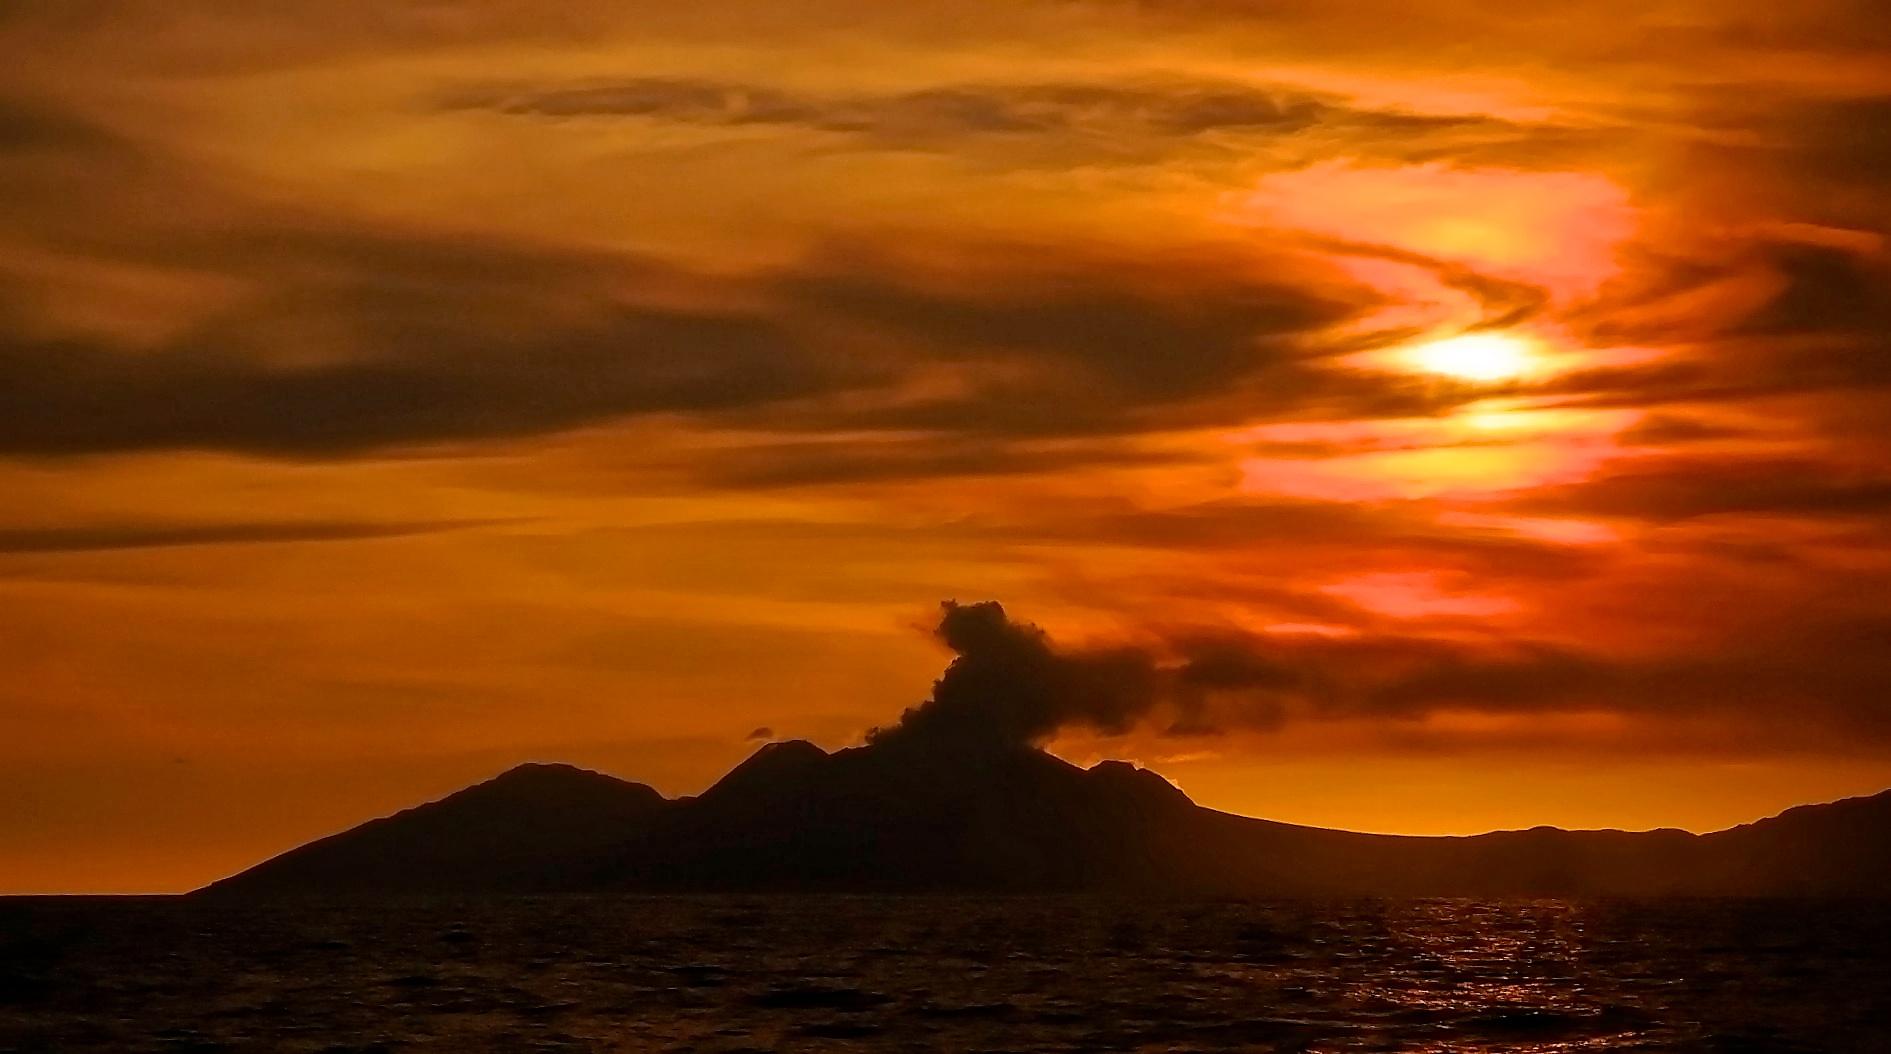 Passage des aktiven Vulkans von Montserrat bei Sonnenuntergang